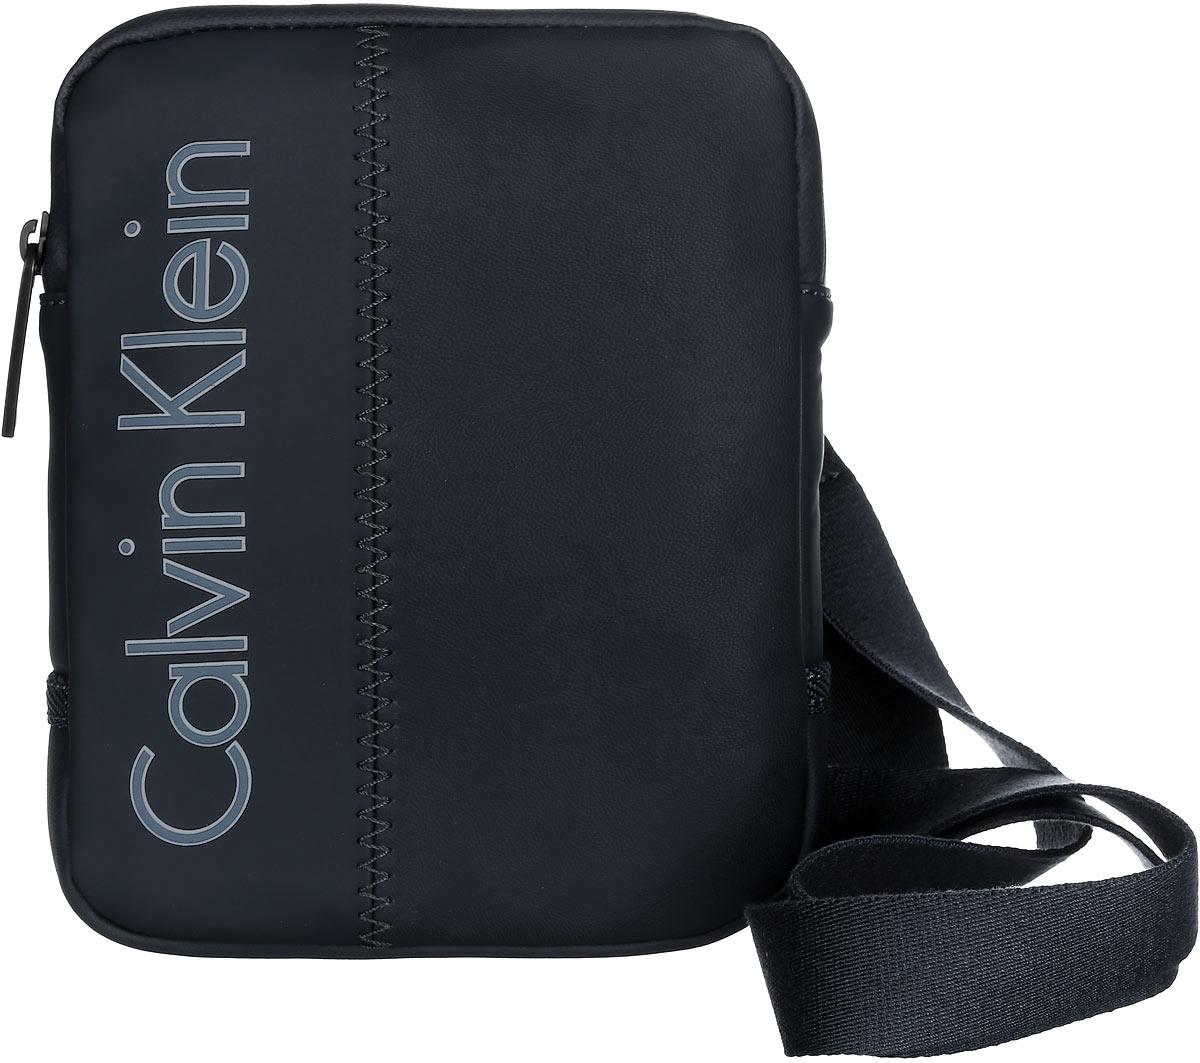 Сумка мужская Calvin Klein Jeans, цвет: черный. K50K501624_0010K50K501624_0010Стильная сумка Calvin Klein выполнена из полиуретана, оформлена символикой бренда. Изделие содержит одно отделение, которое закрывается на застежку-молнию. Внутри сумки размещен накладной кармашек для мелочей. Сумка оснащена плечевым ремнем регулируемой длины. В комплекте с изделием поставляется чехол для хранения. Модная сумка идеально подчеркнет ваш неповторимый стиль.